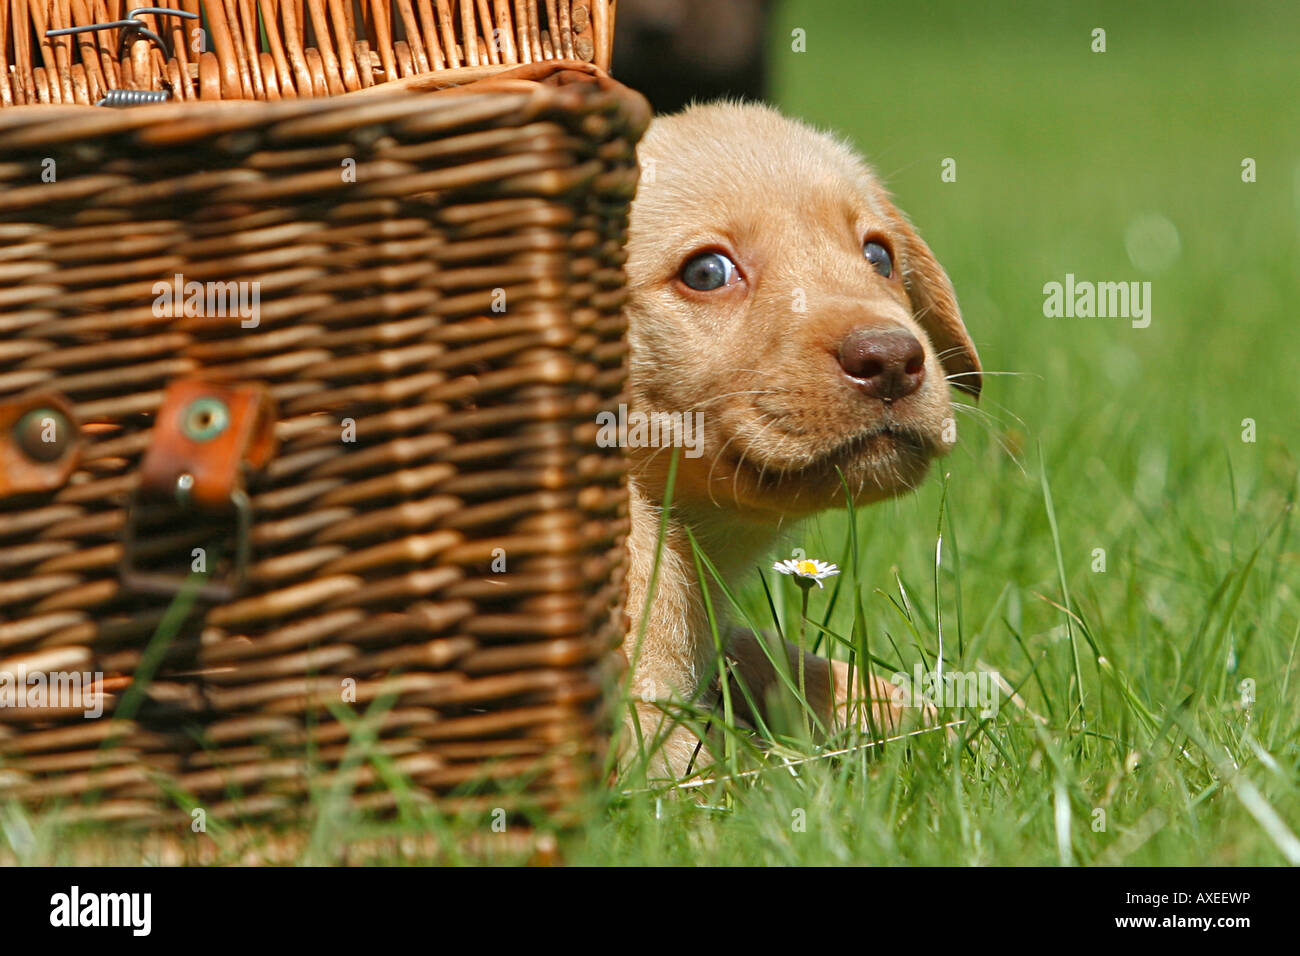 Il Labrador Retriever cucciolo guardando fuori di un cestello Immagini Stock